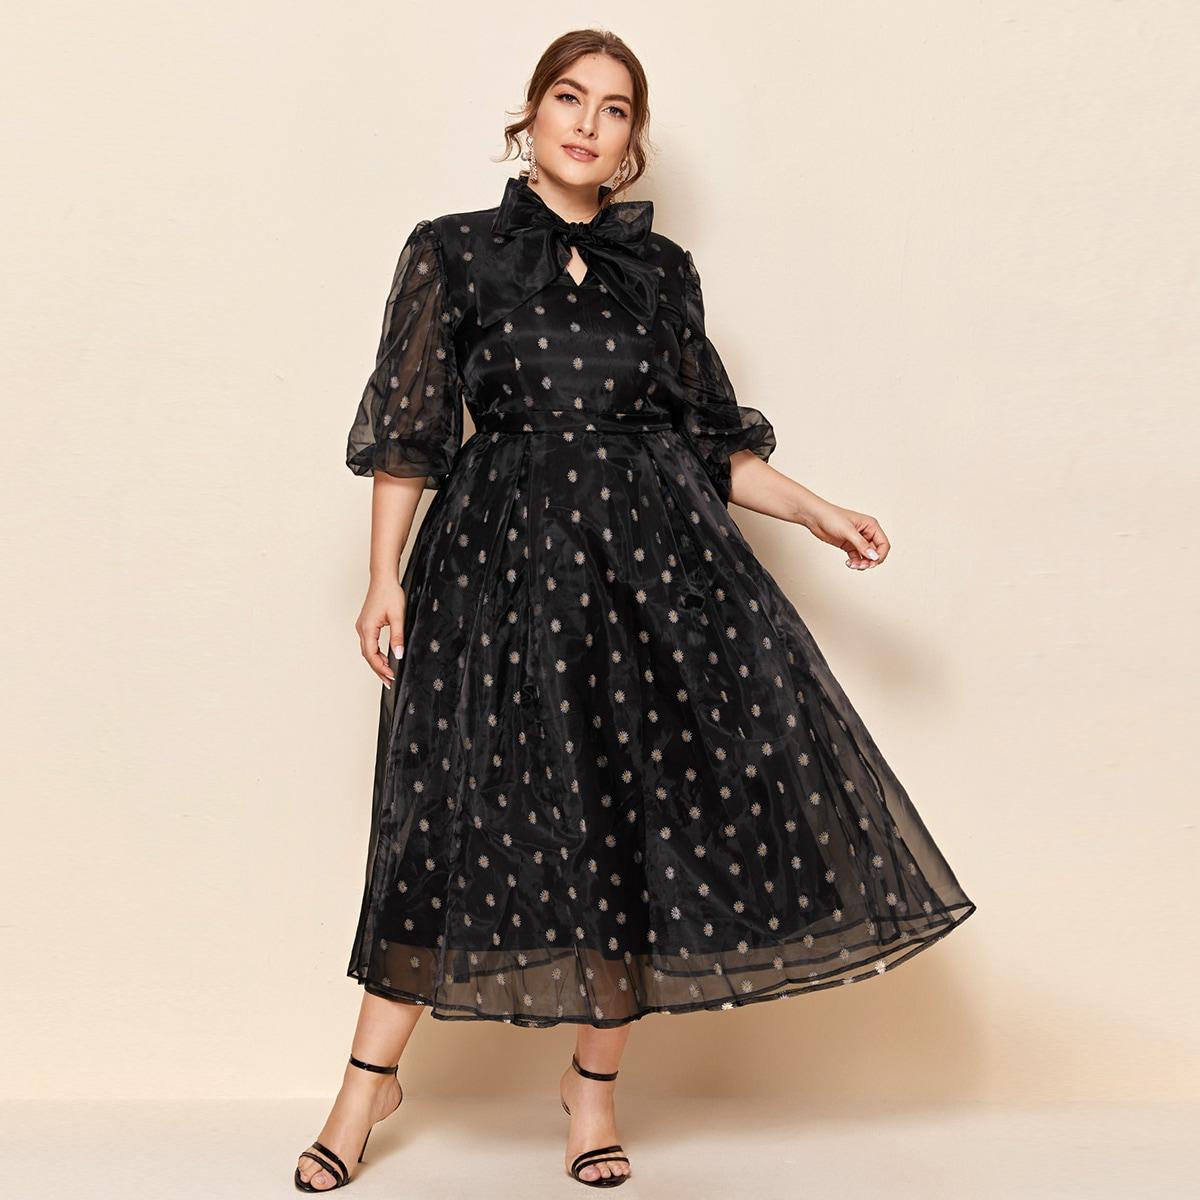 SHEIN / Kleid mit Blumen Stickereien, Halsband und Netztoff